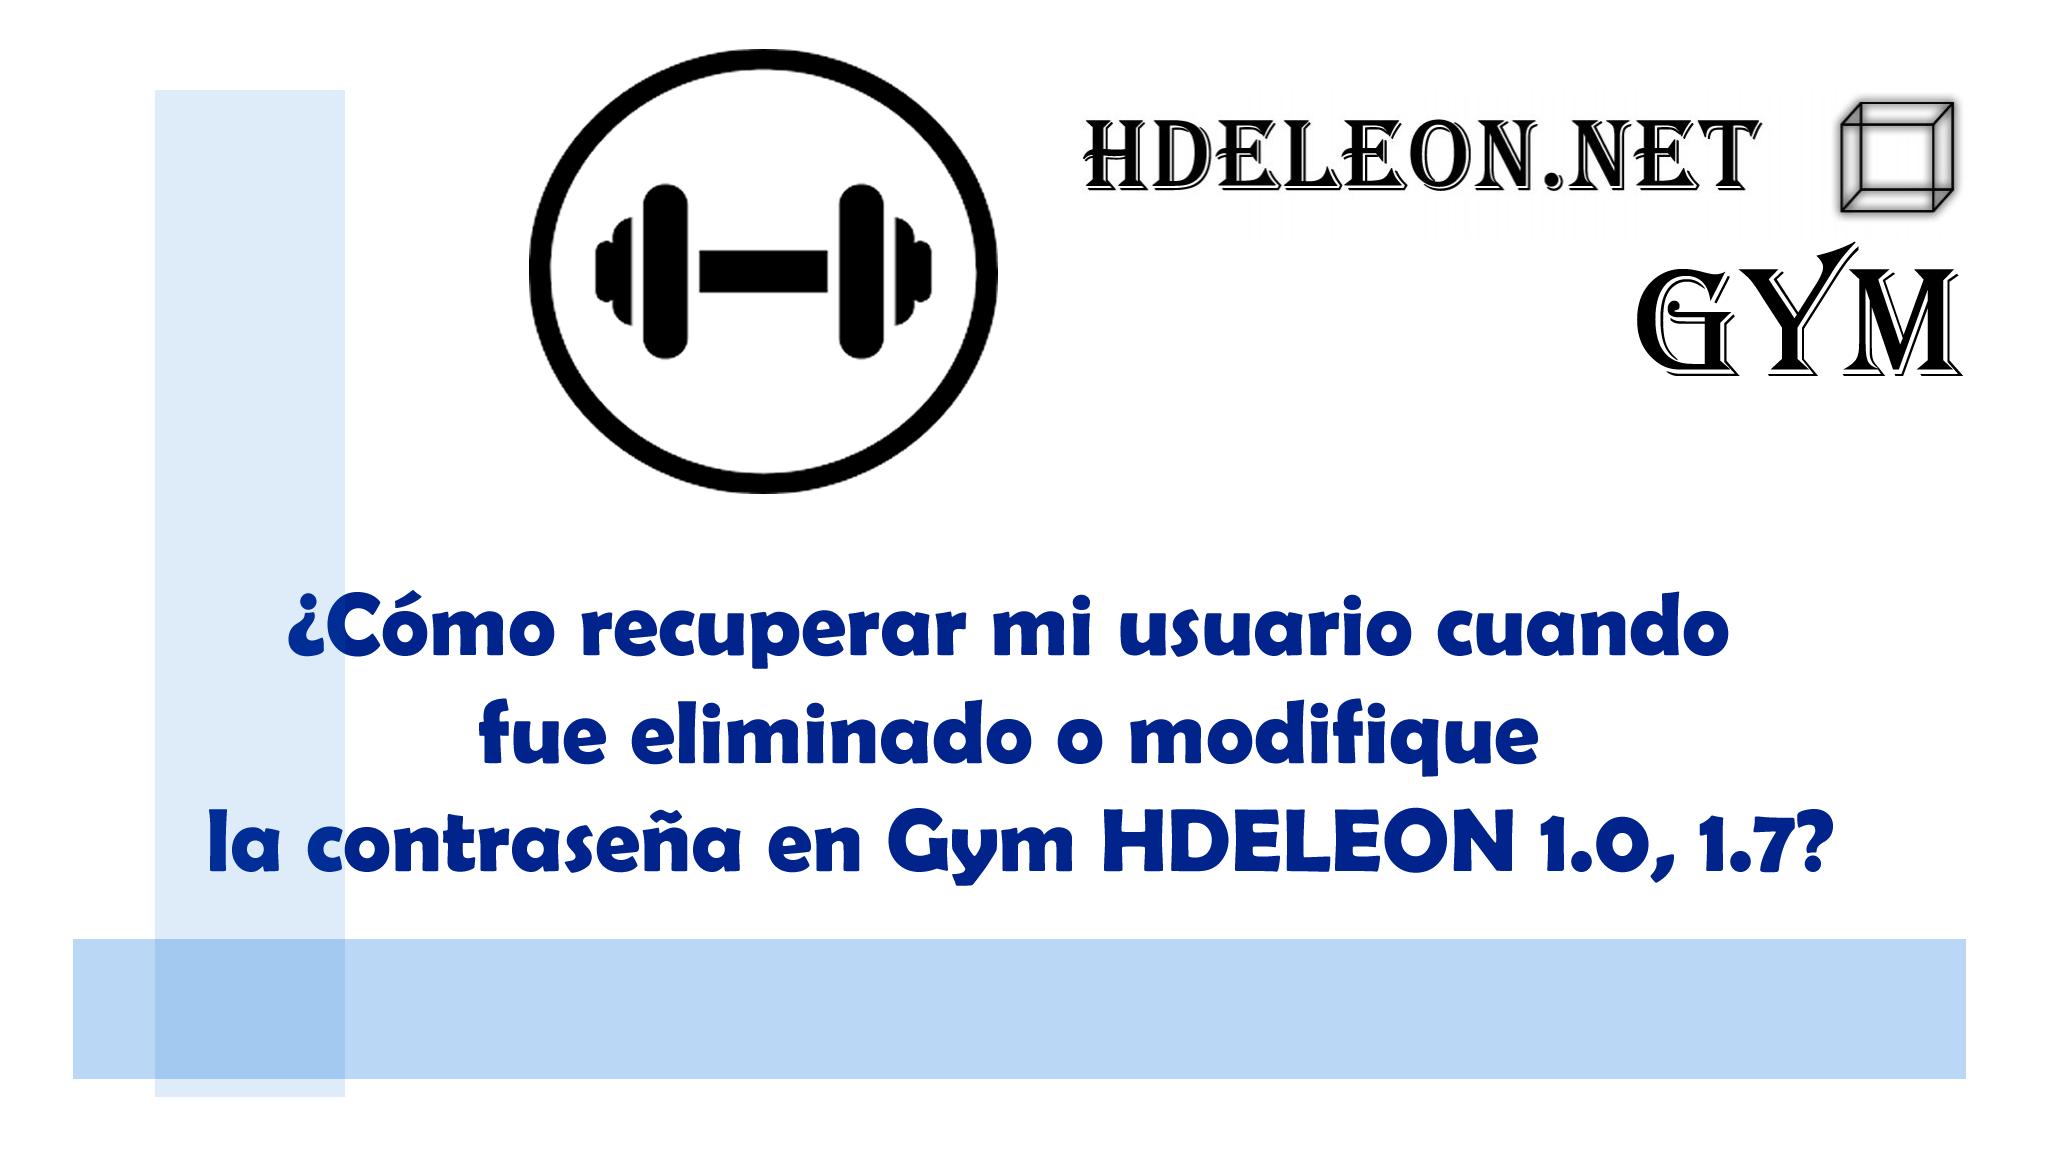 ¿Cómo recuperar mi usuario cuando fue eliminado o modifique la contraseña en Gym HDELEON 1.0, 1.7?